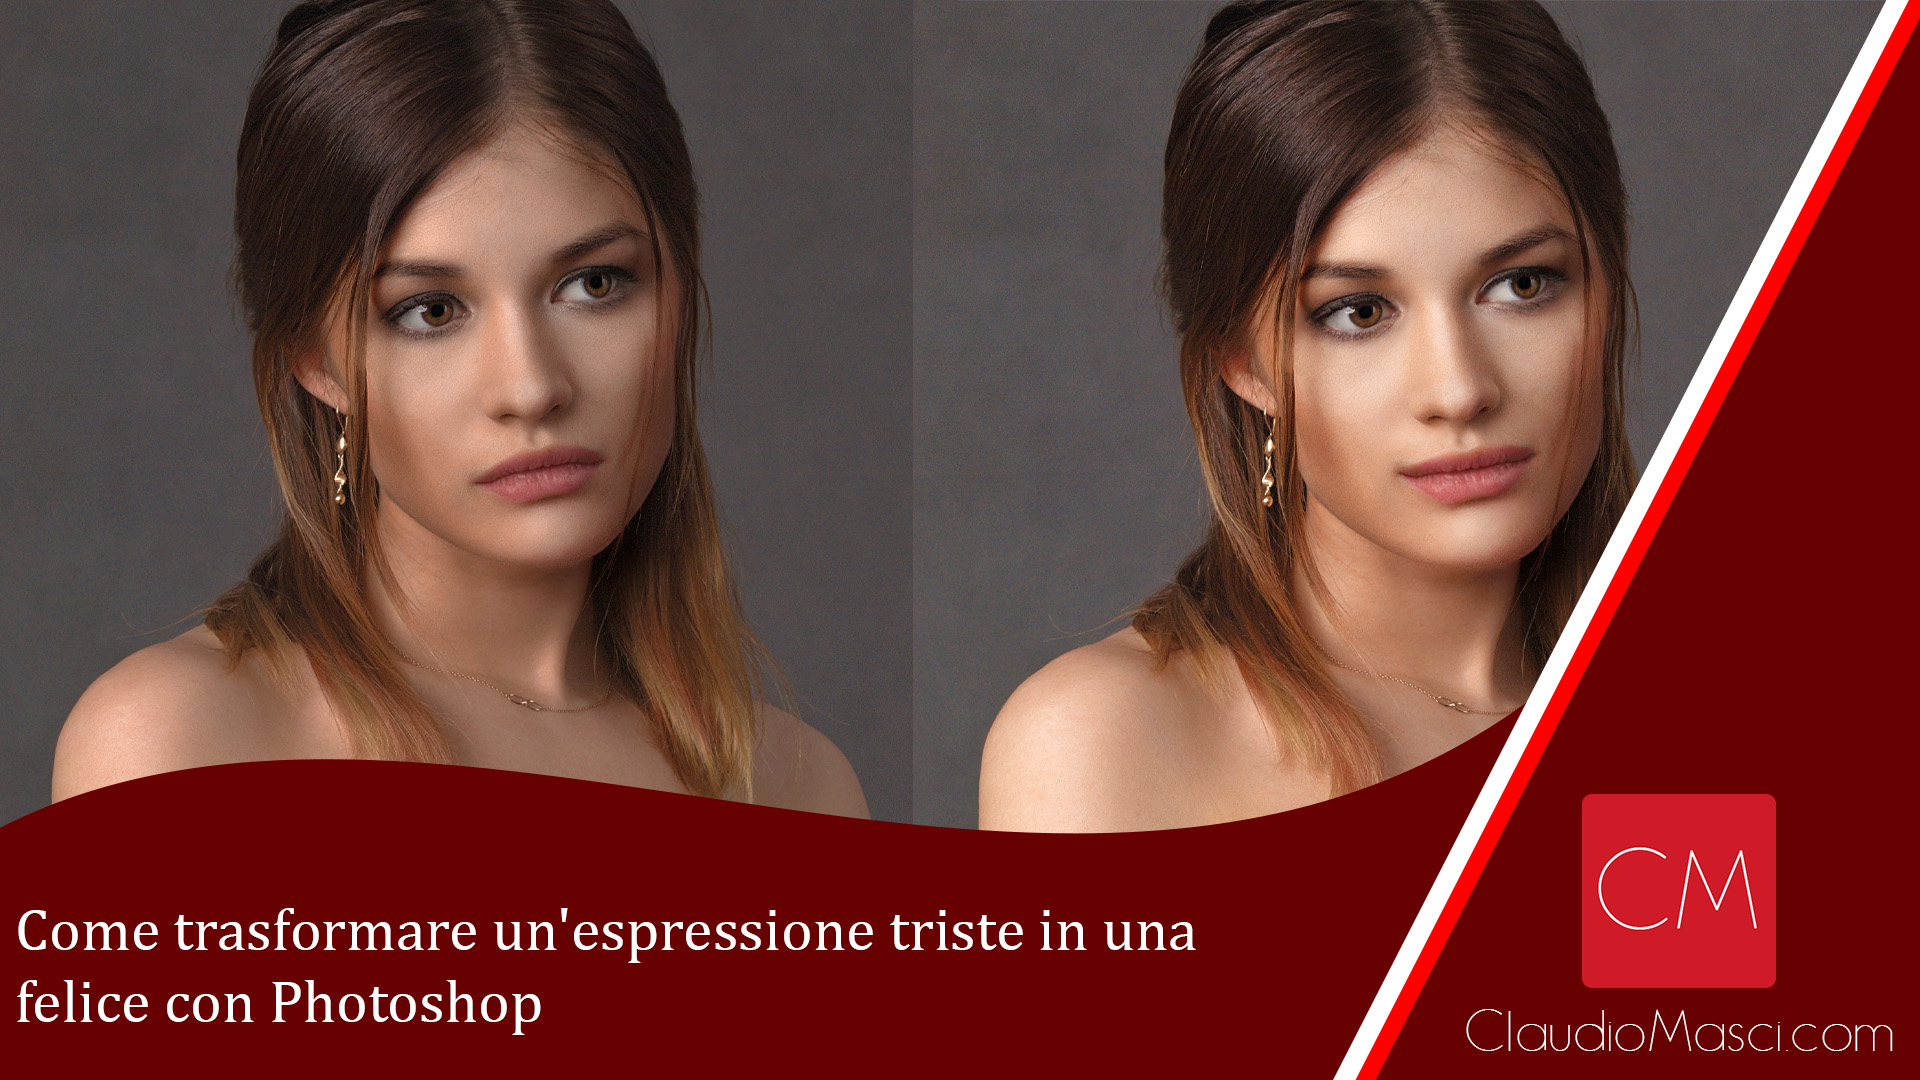 Come trasformare un'espressione triste in una felice con Photoshop